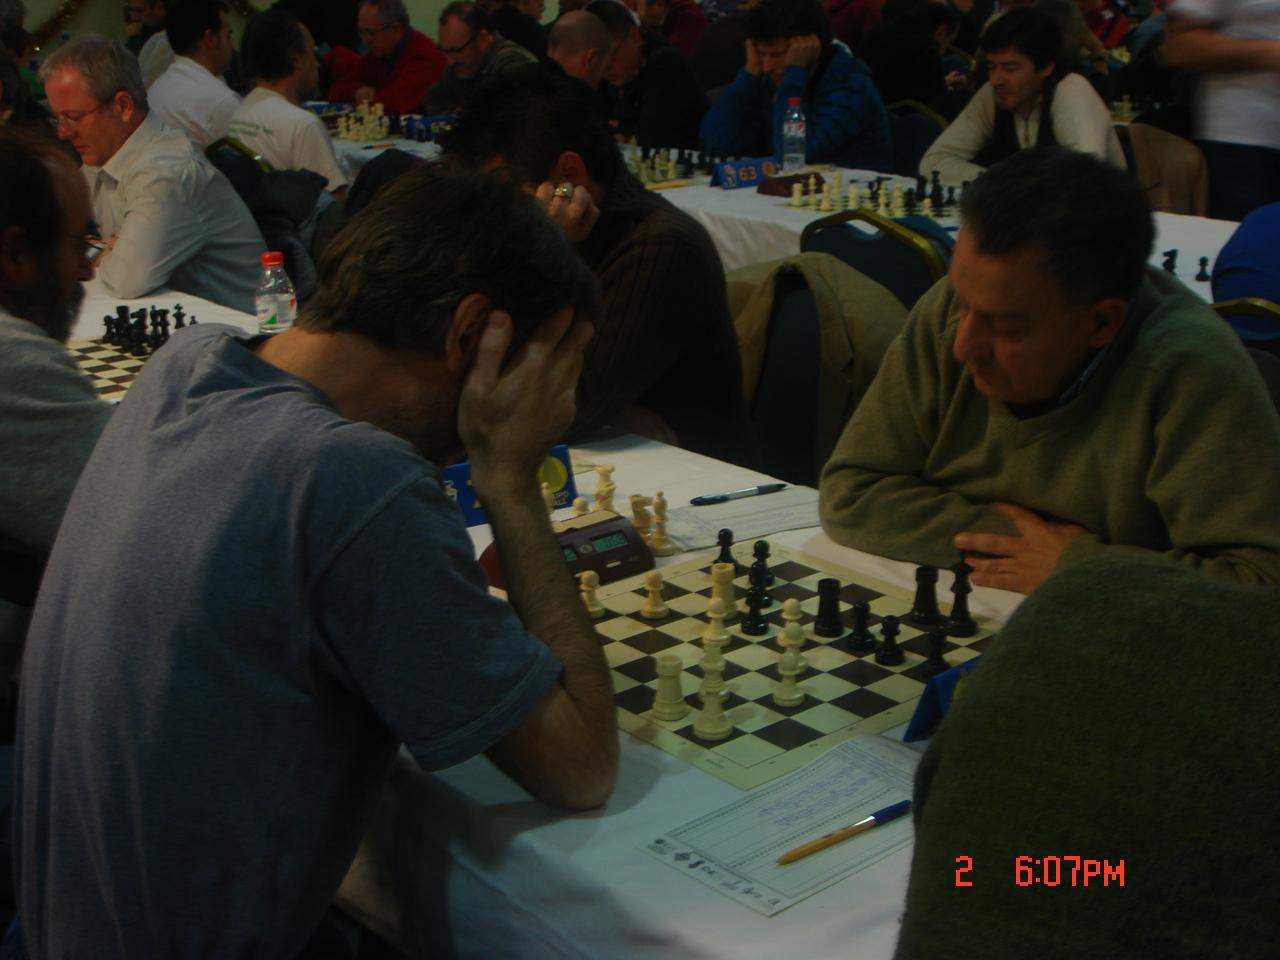 cezar-executand-atacul-minoritatii-in-final-de-turnuri